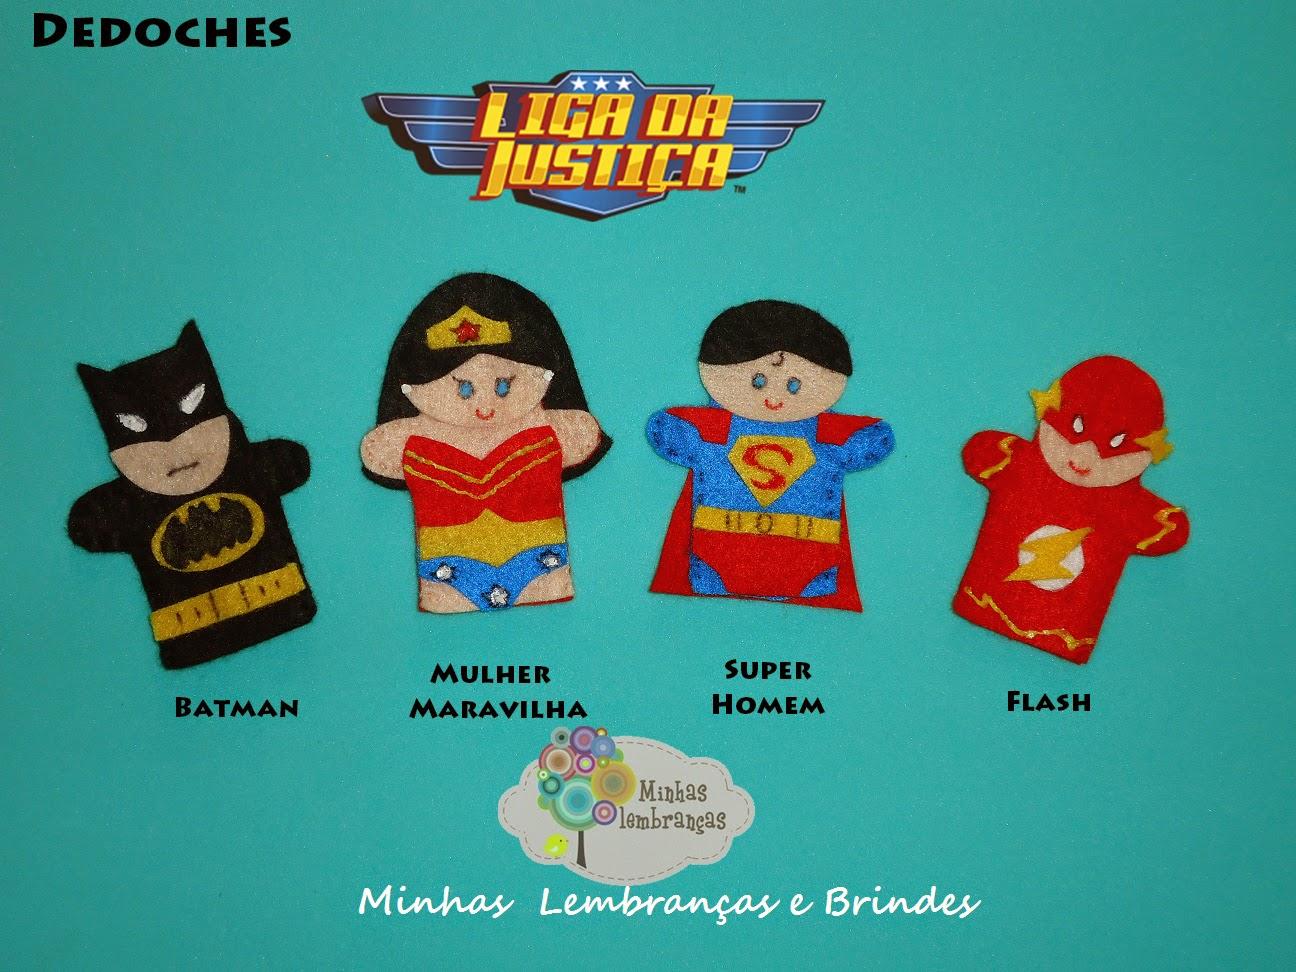 http://minhaslembrancasebrindes.blogspot.com.br/2014/11/heros-liga-da-justica.html